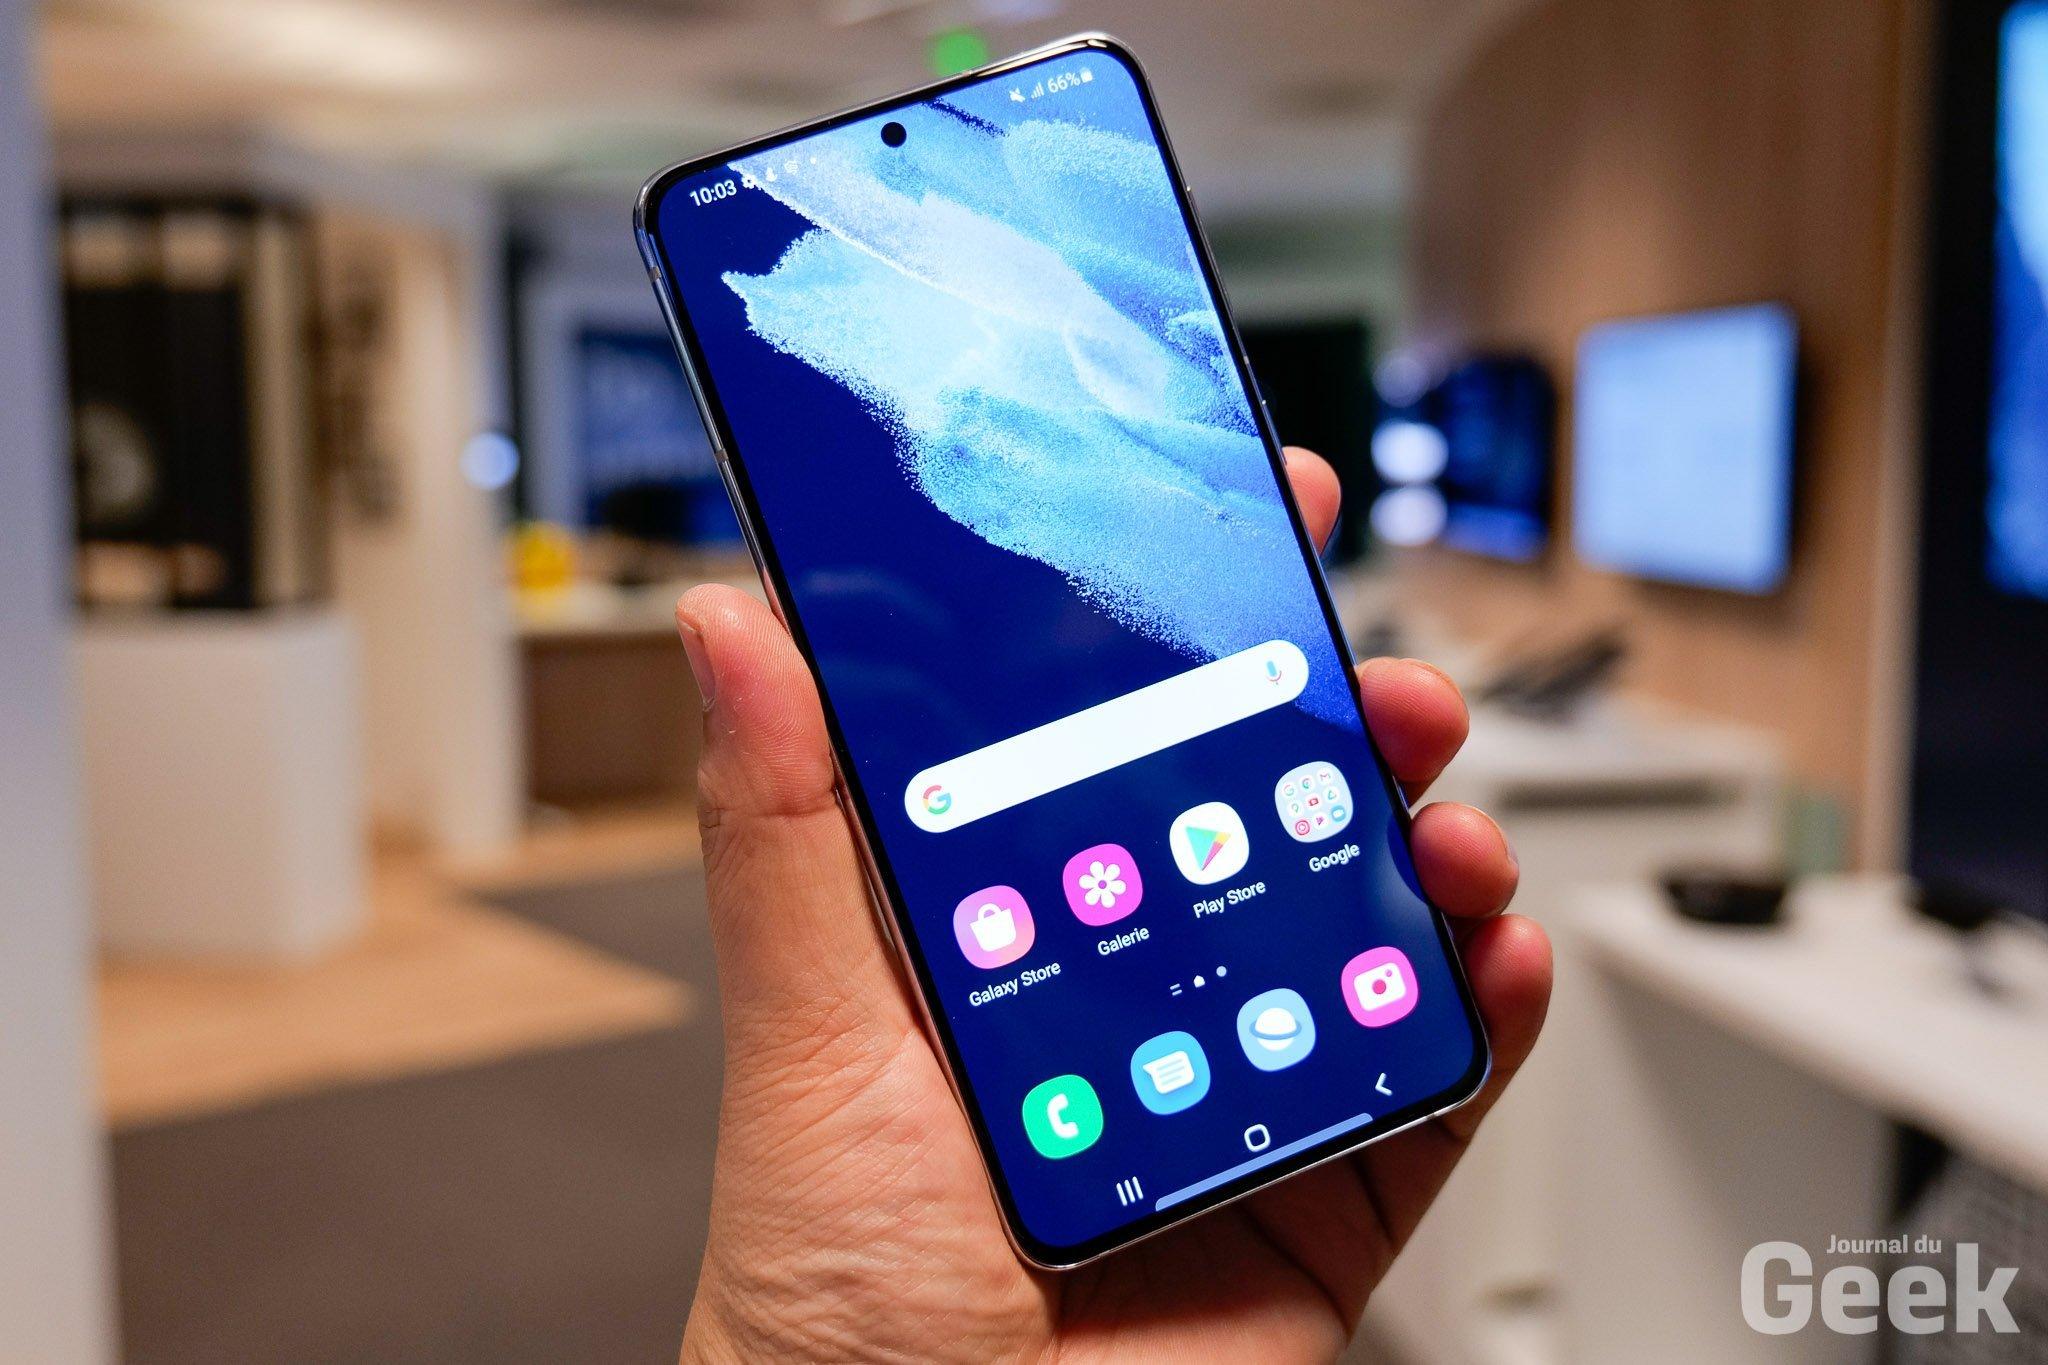 Le nouveau Samsung Galaxy S21 tombe déjà sous les 800 euros - Journal du geek